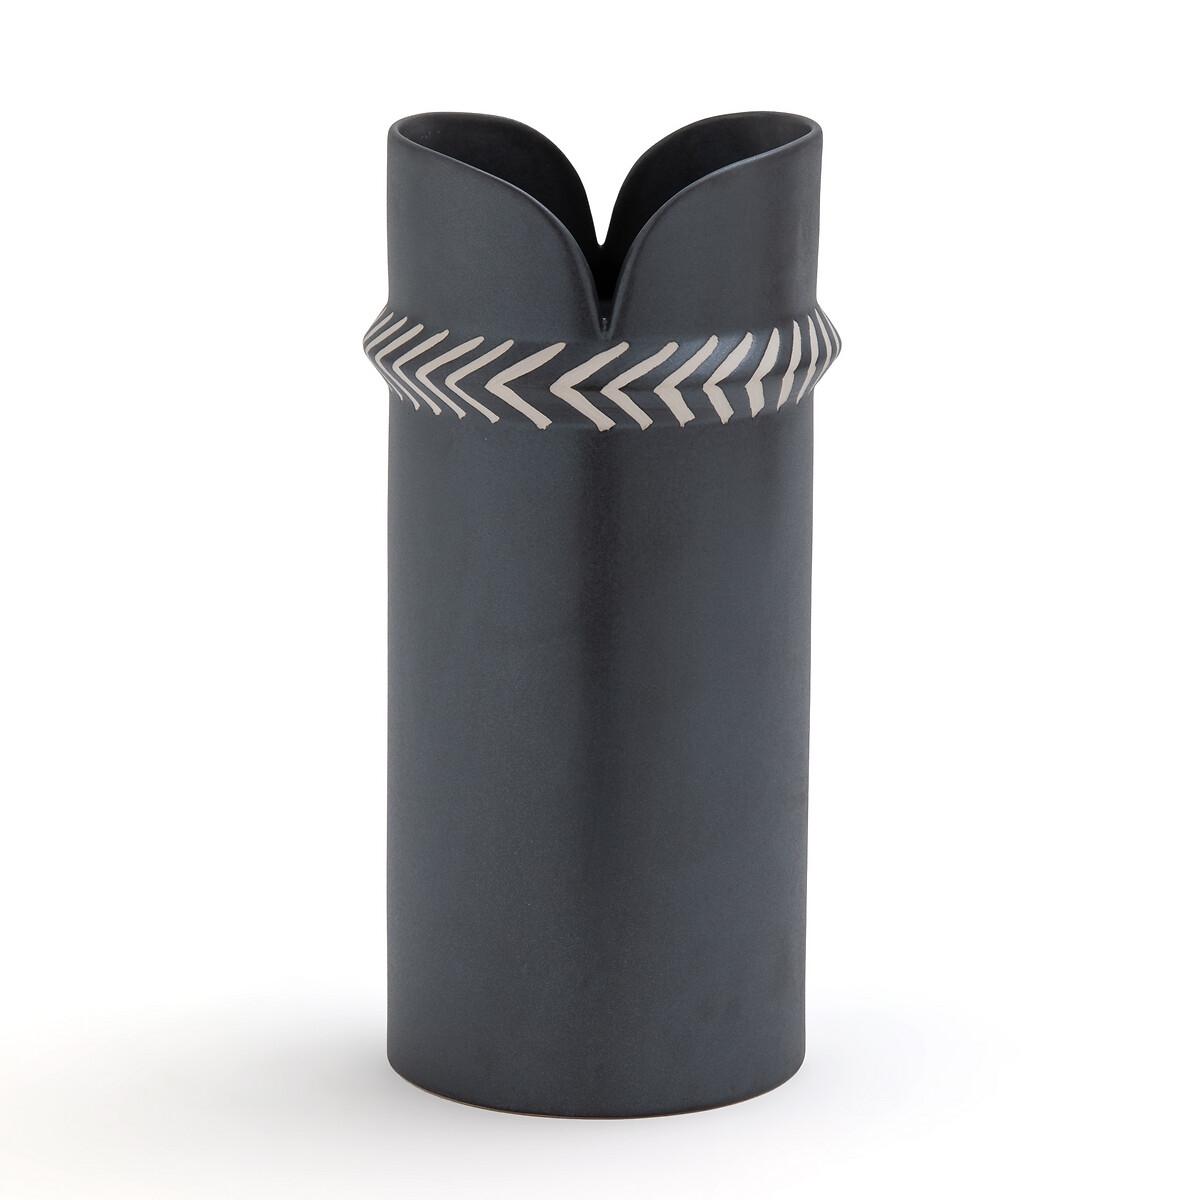 Ваза LaRedoute Из керамики с декором Varana единый размер серый ваза с рельефом 30 см 19118230 0157 rudolf kampf